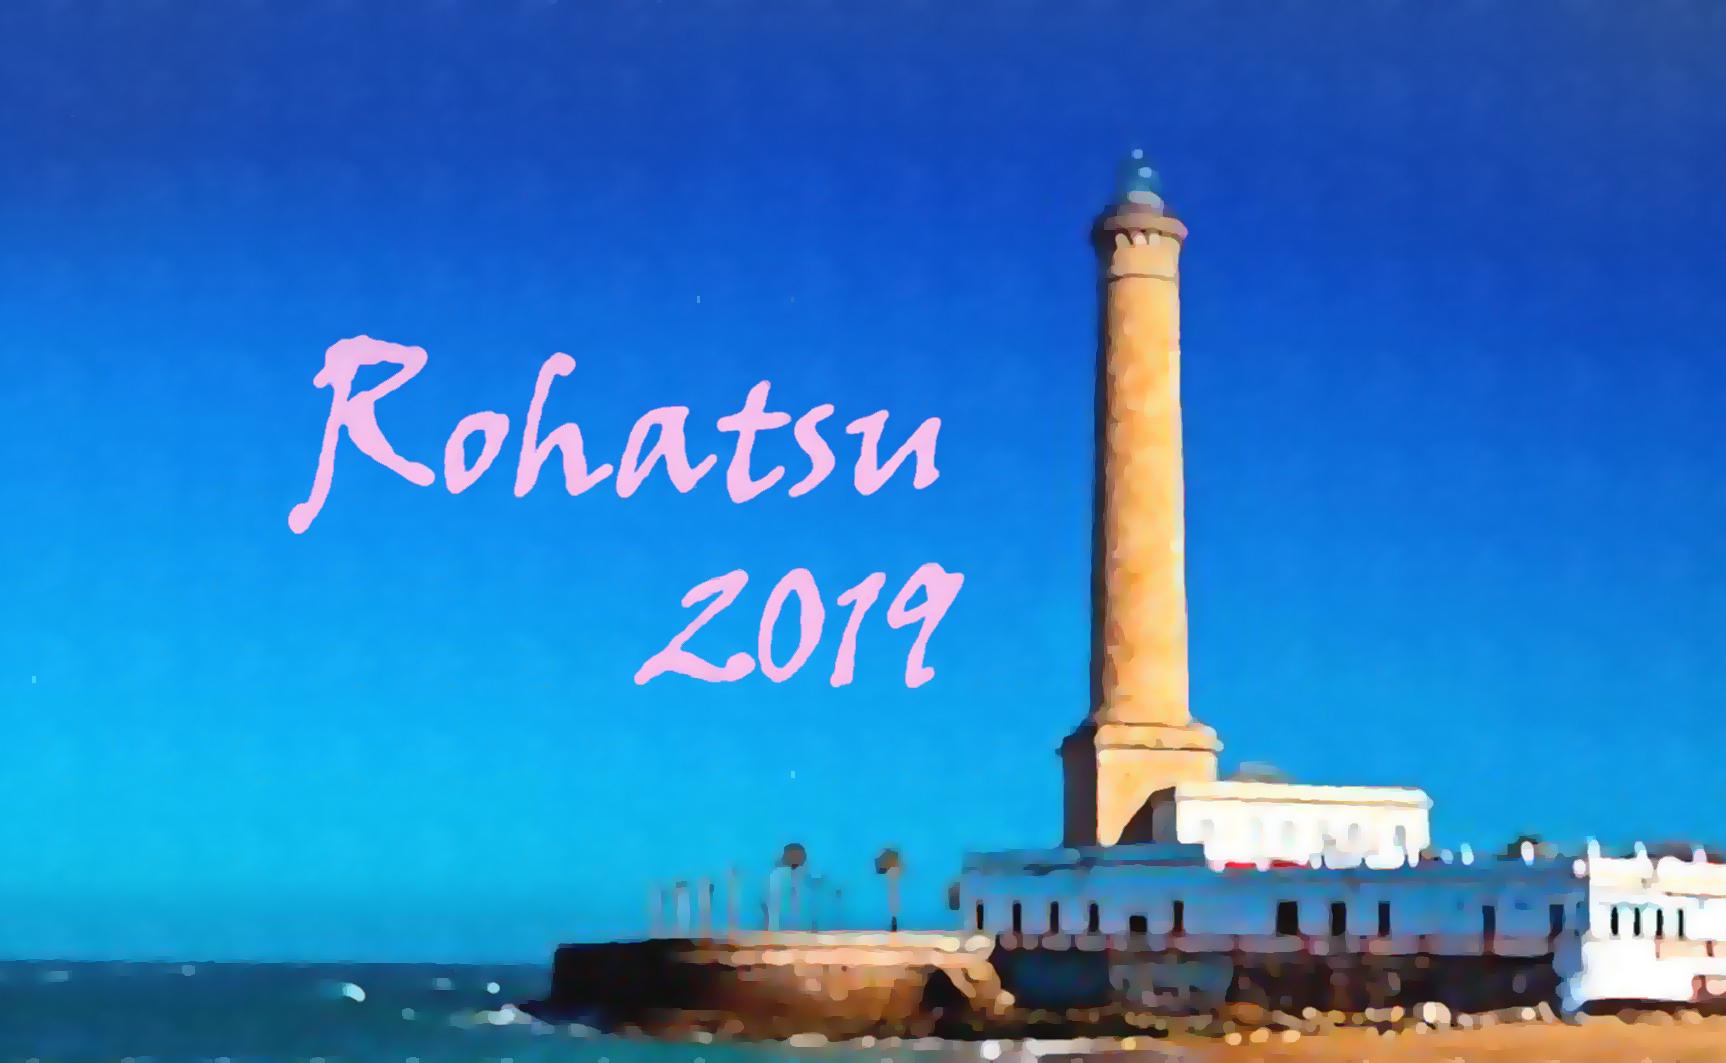 rohatsu_chipiona_slide